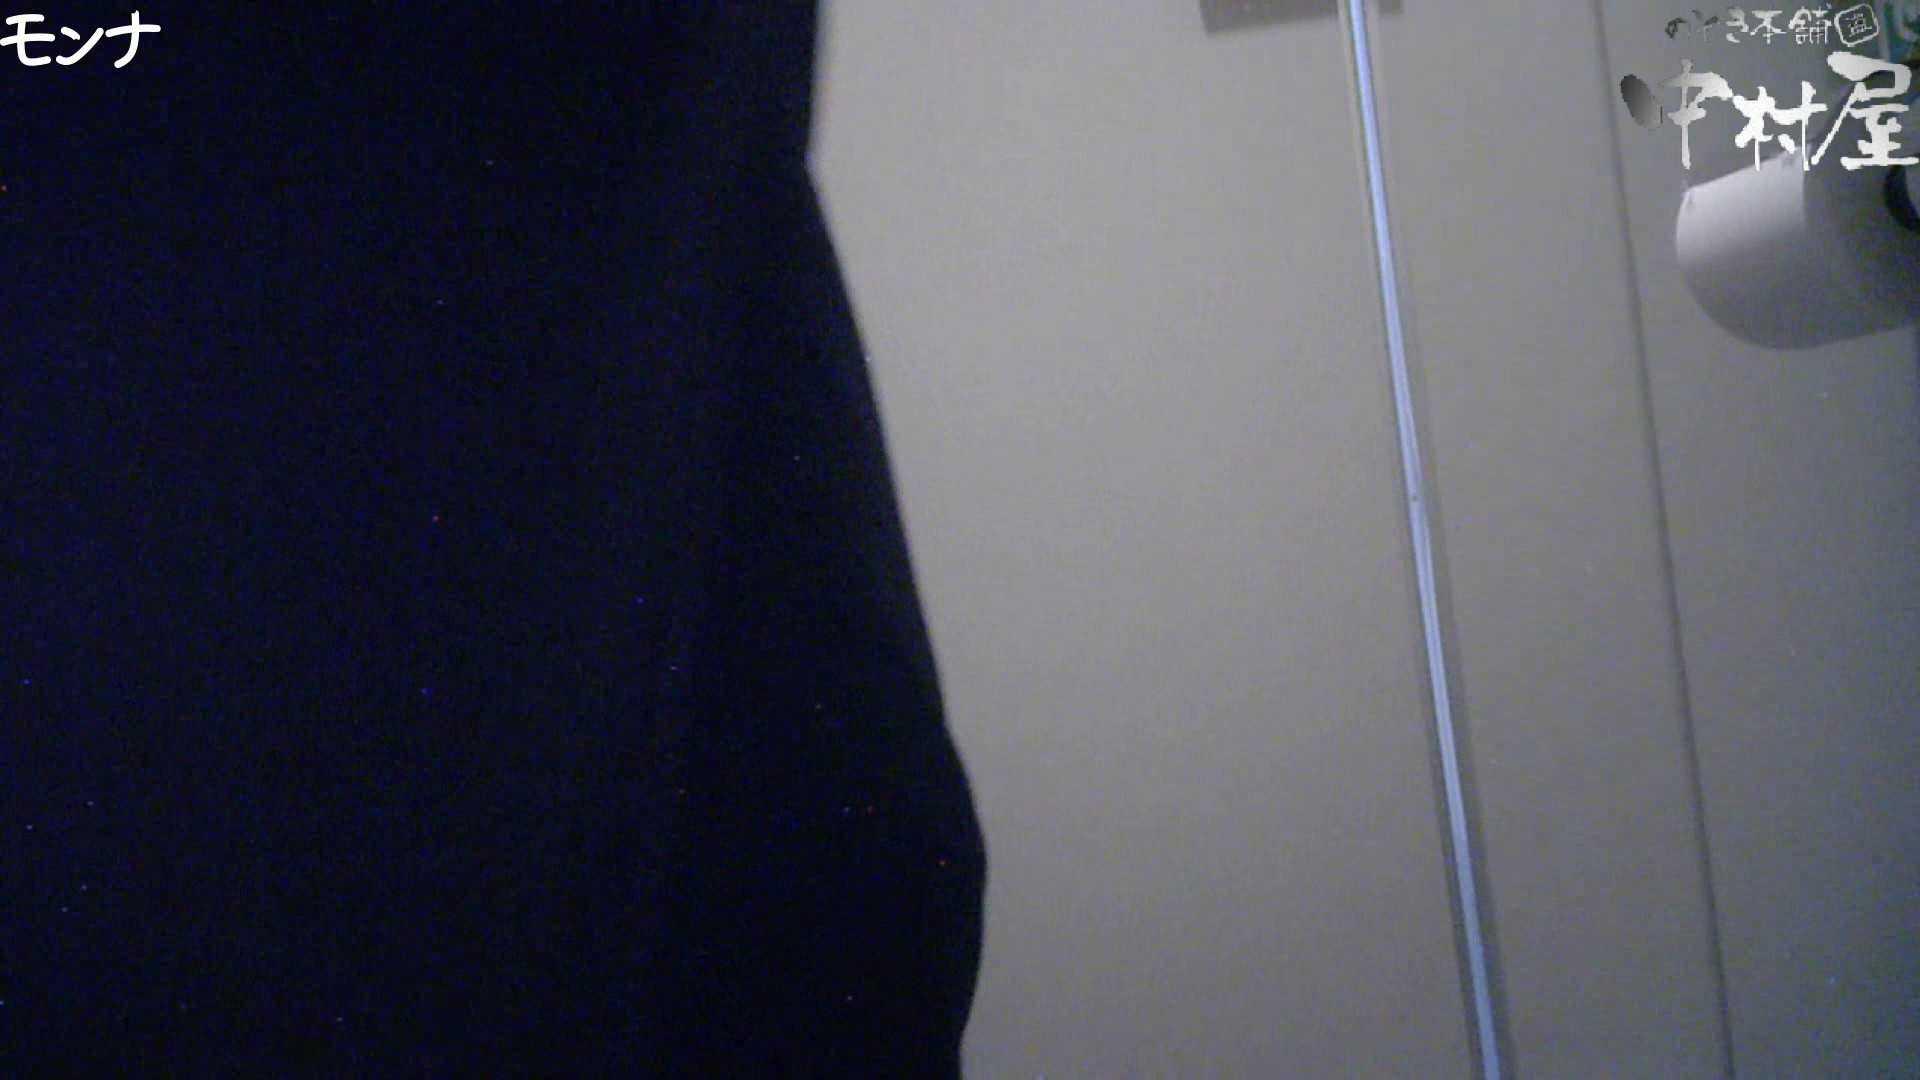 有名大学女性洗面所 vol.66 清楚系女子をがっつり!! 和式トイレ 性交動画流出 82pic 15